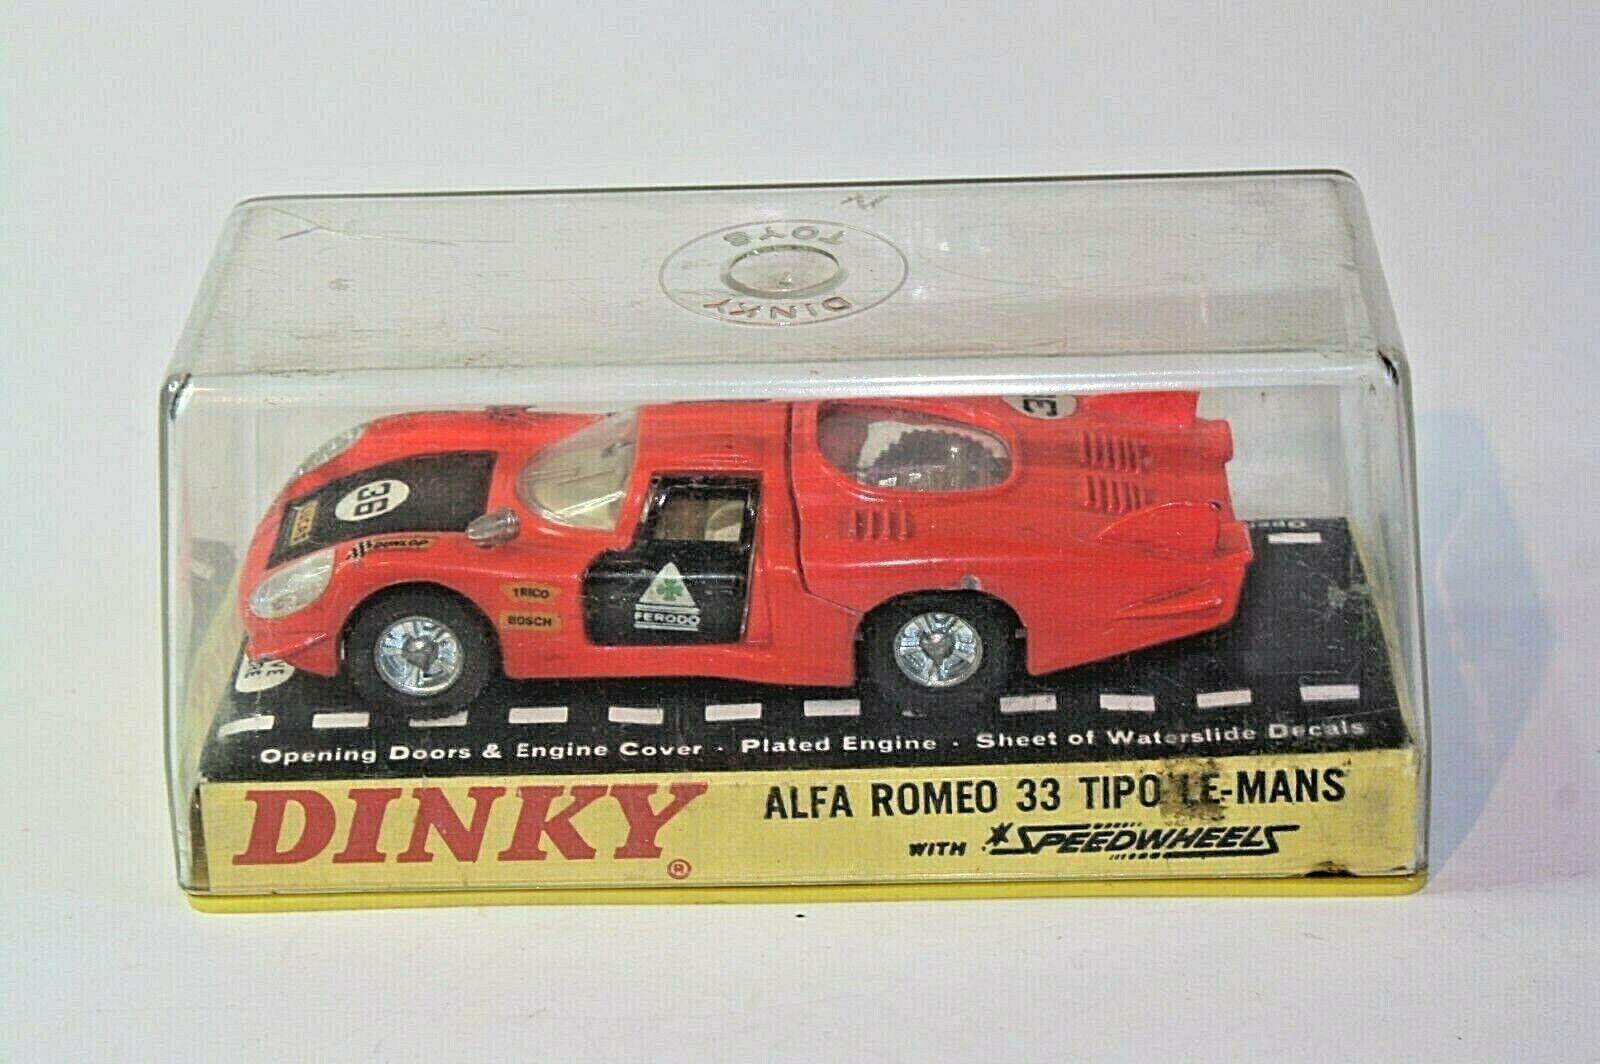 Dinky 210 ALFA ROMEO 33  TIPO LE hommeS, bonne dans boîte d'origine  connotation de luxe discret